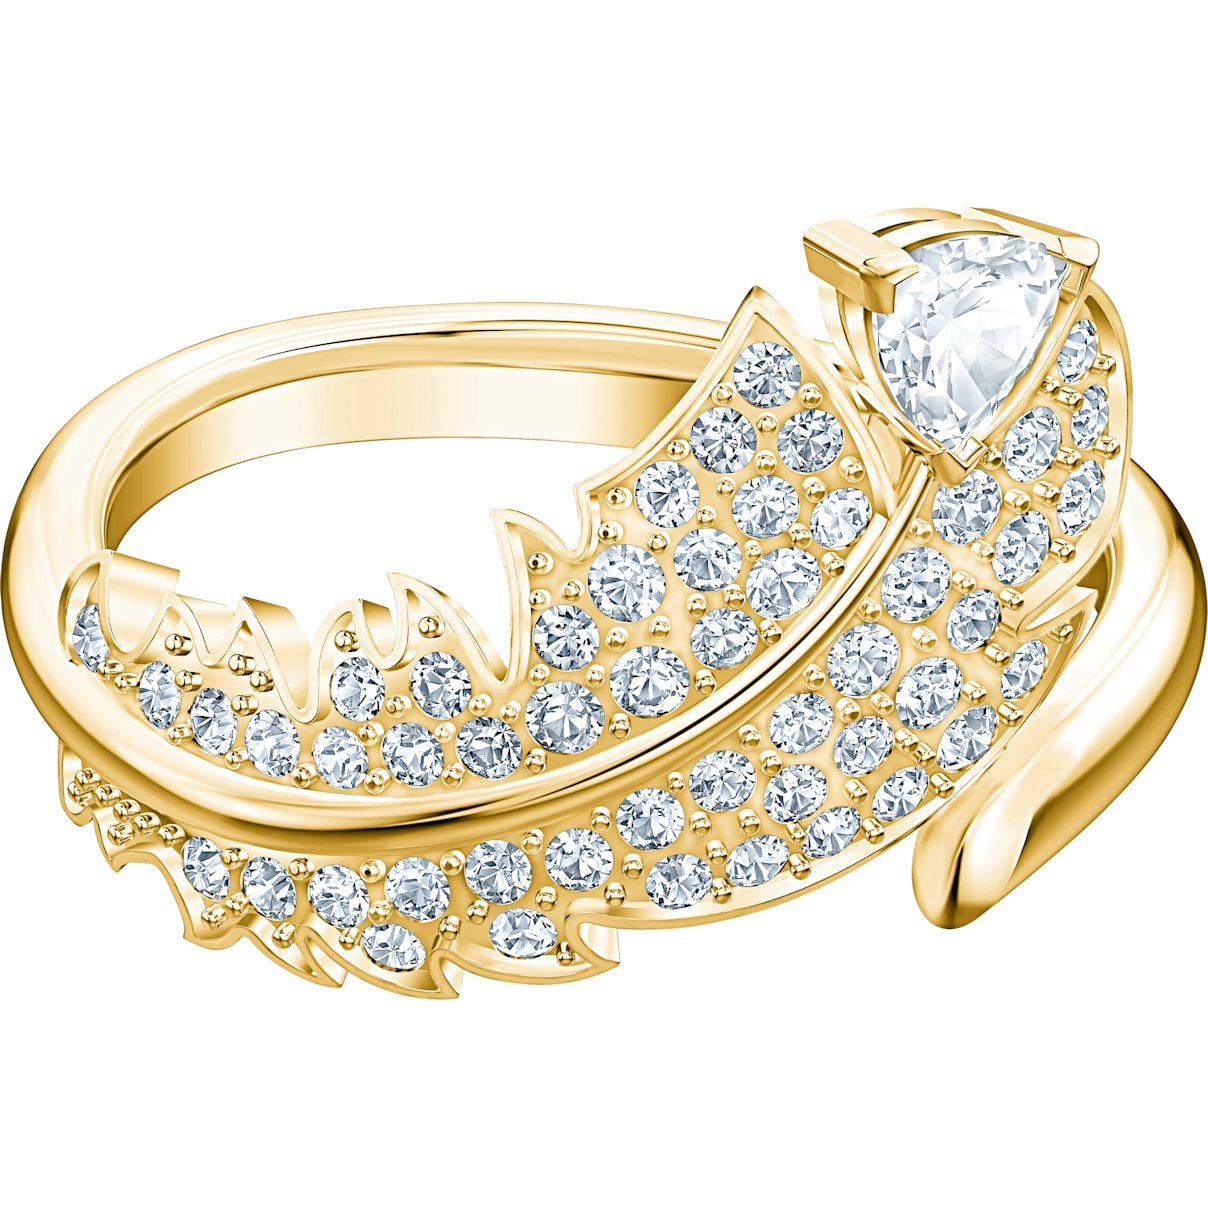 Swarovski Nice Motif Ring, White, Gold-tone plated